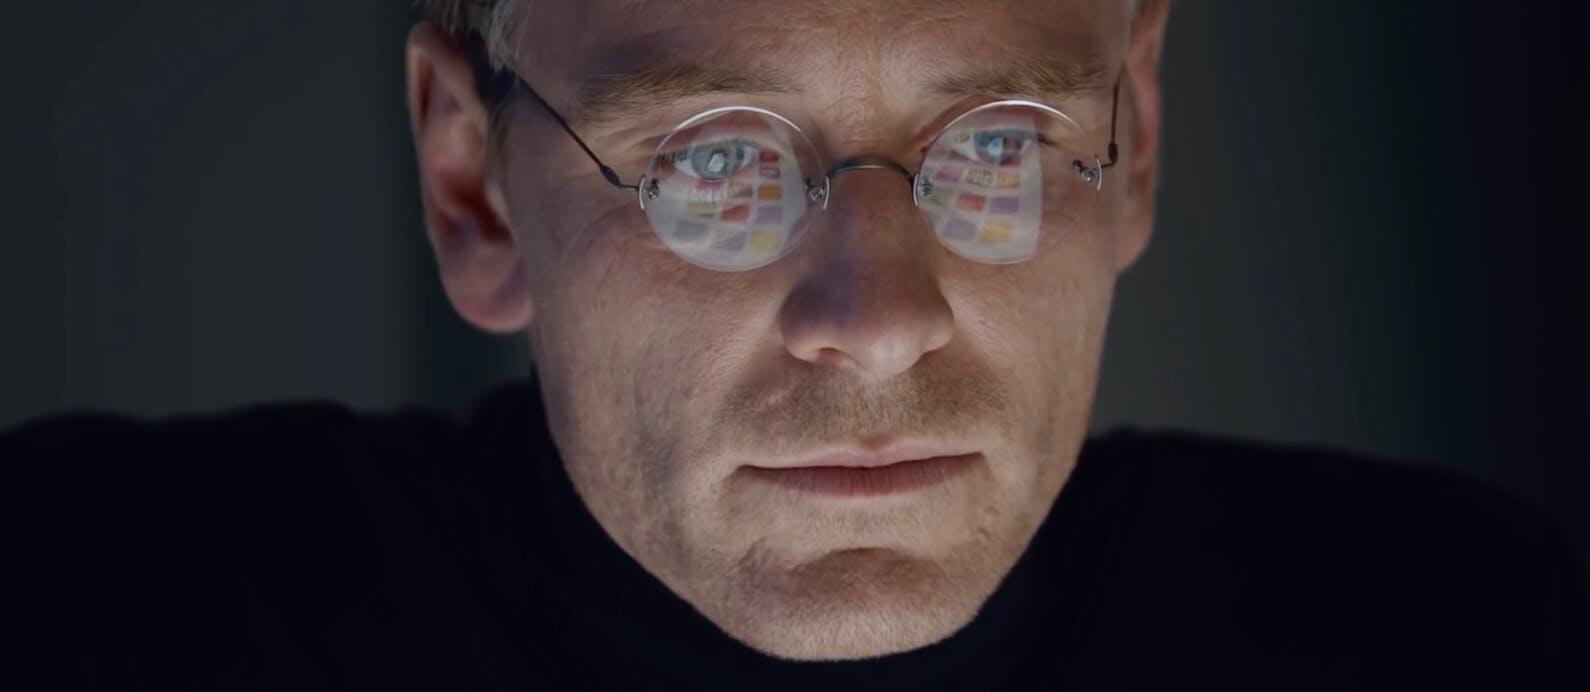 Netflix true stories: Steve Jobs